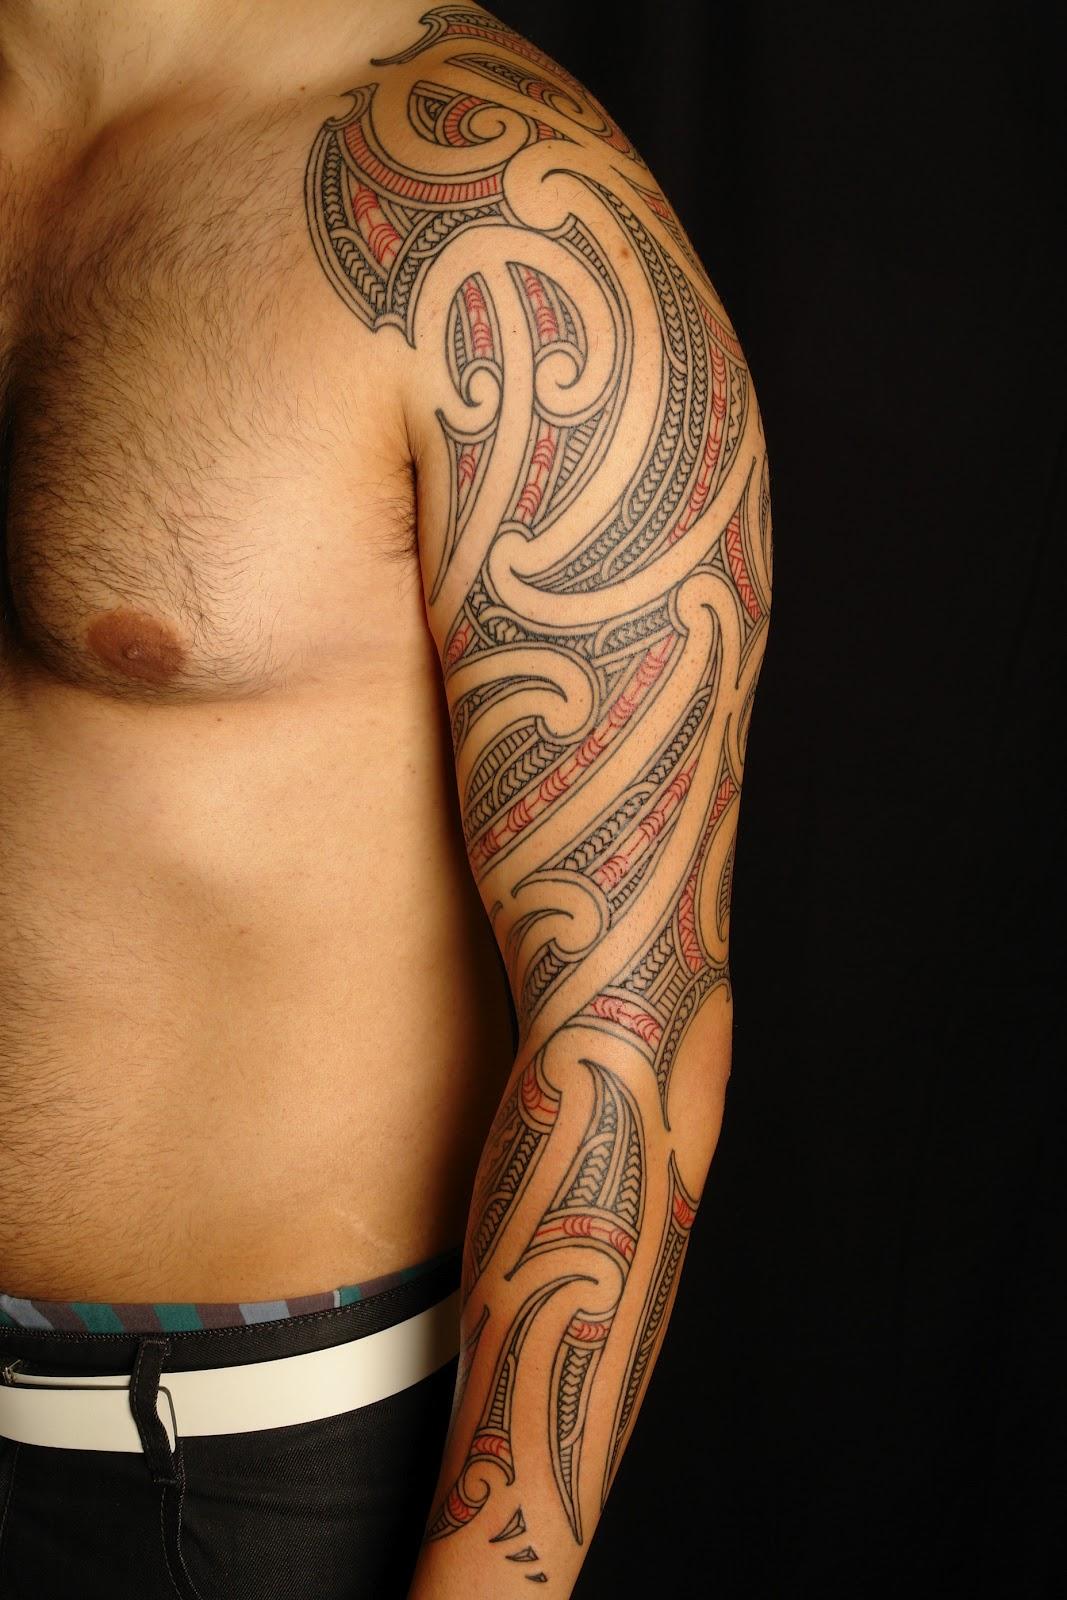 tatouage cheville chapelet - Photo Tatouage de Nicole Richie sa cheville est entourée